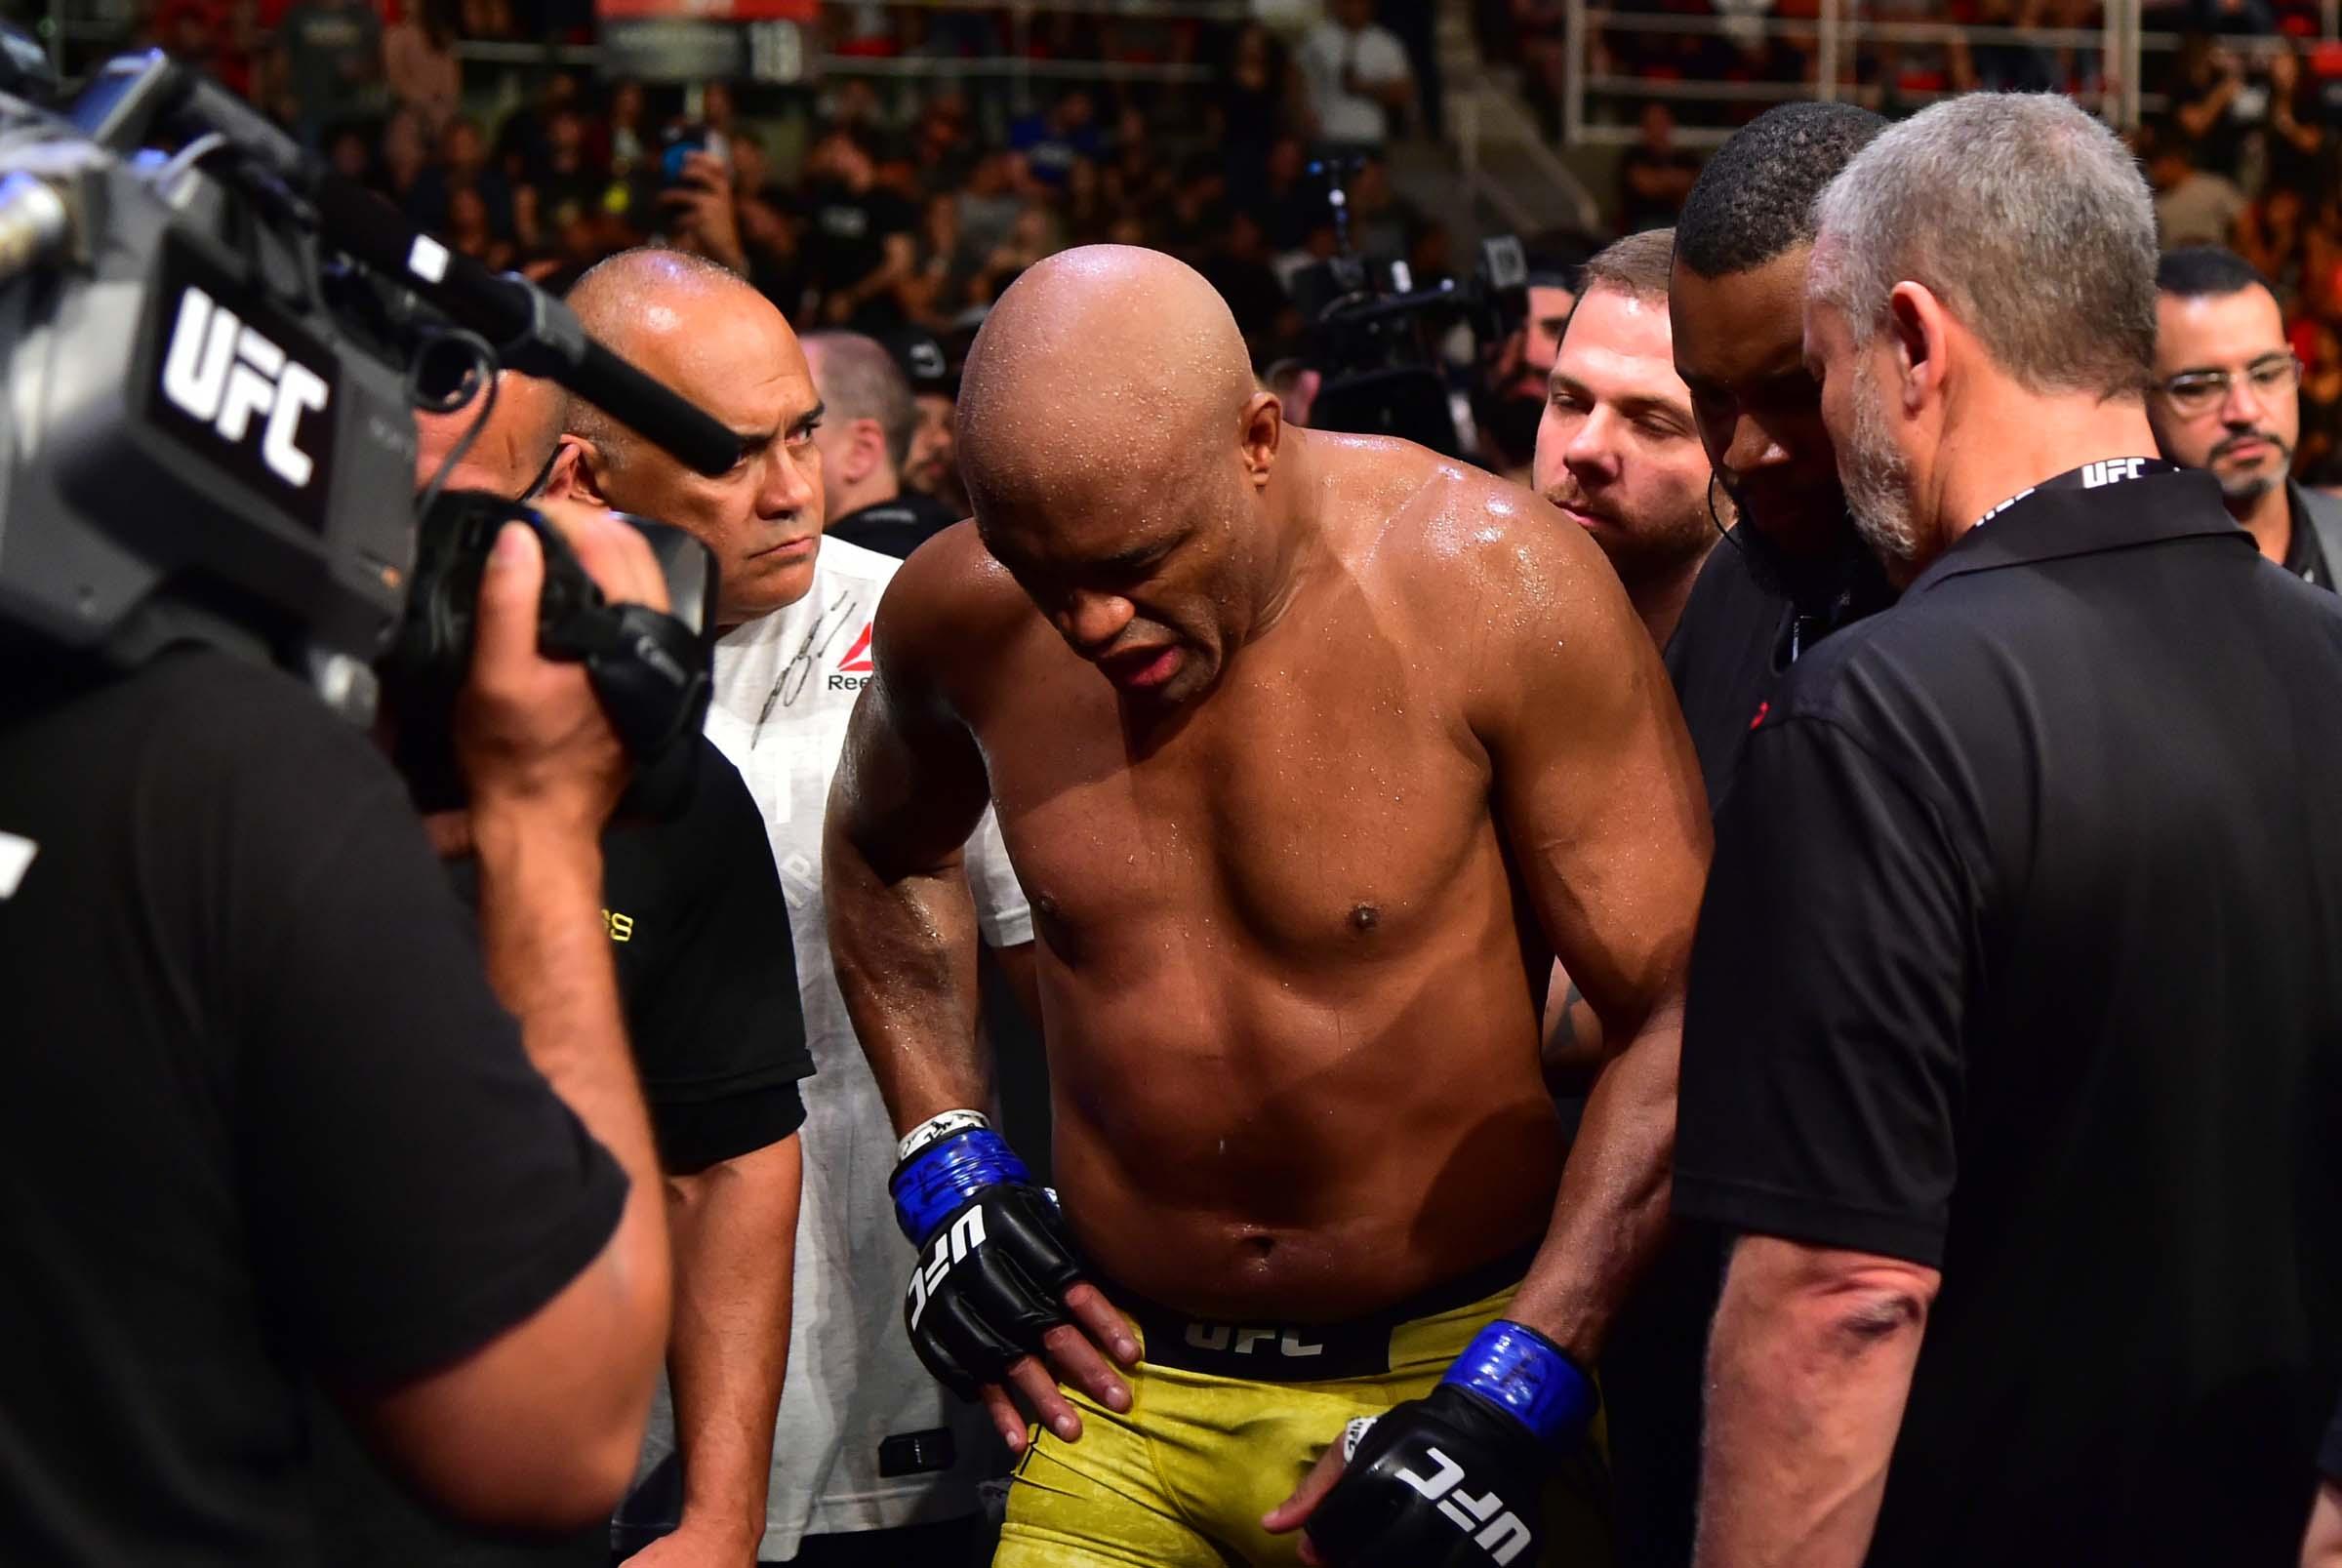 MMA: UFC 237- Cannonier vs Silva